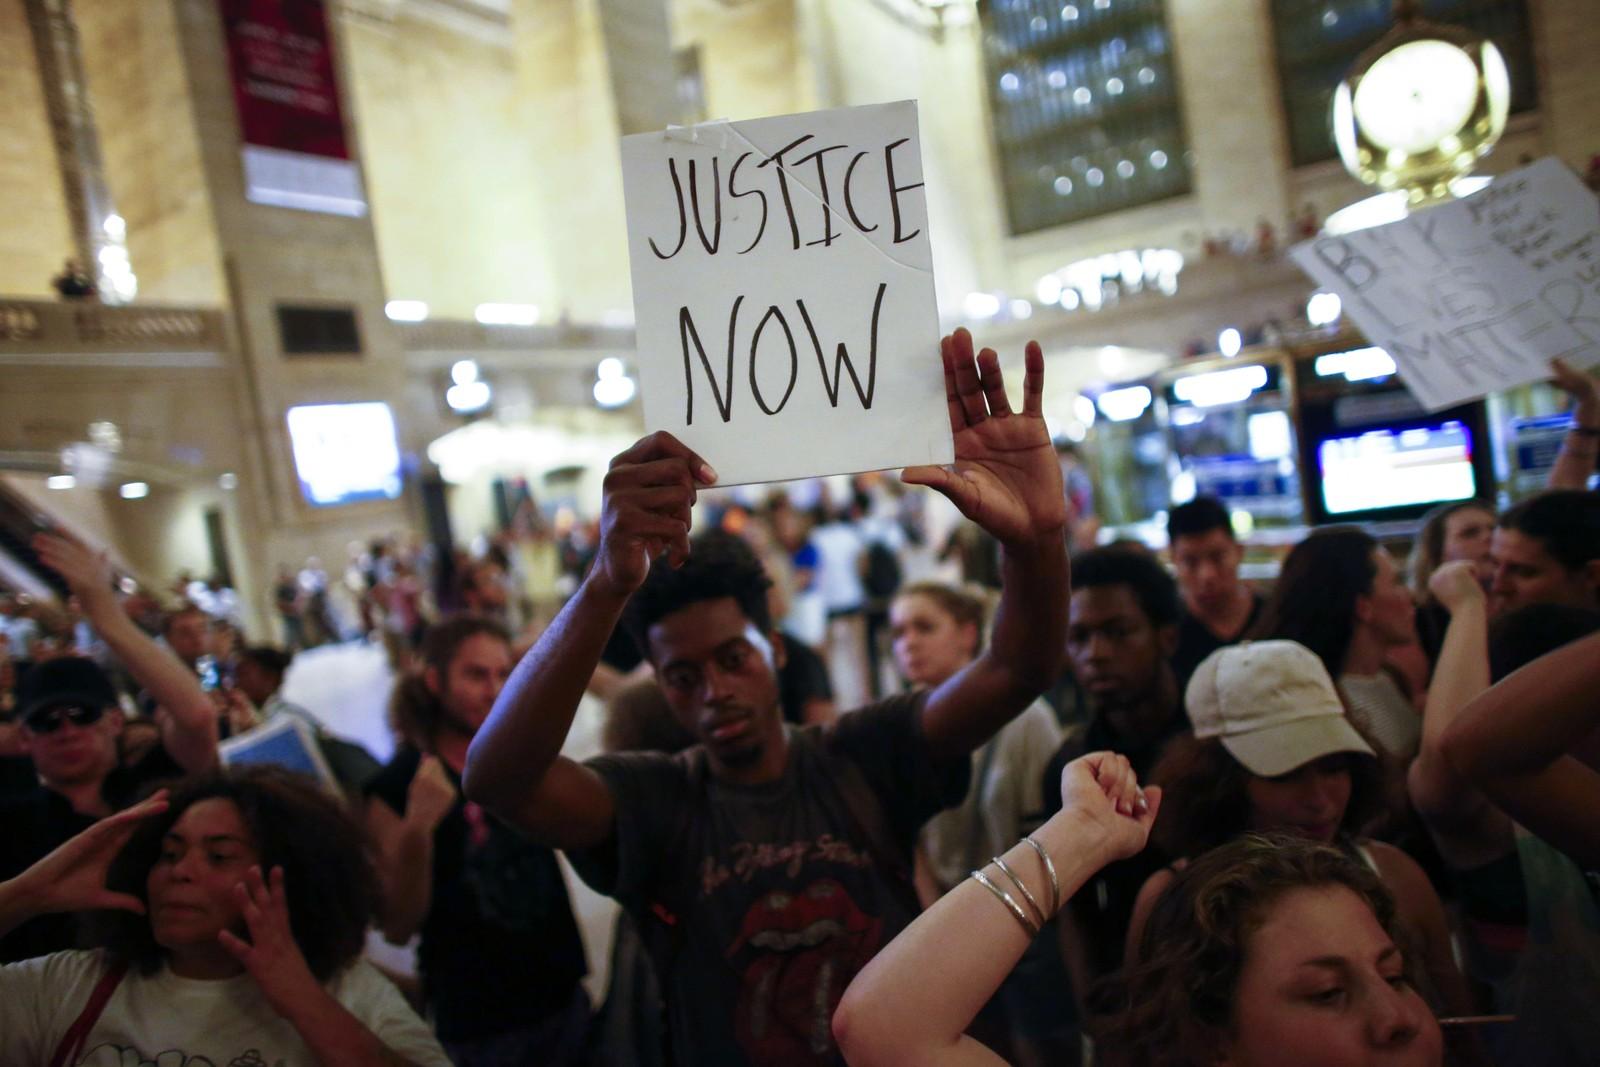 NEW YORK: Mange krever rettferdighet etter drapet på to svarte afroamerikanere i løpet av den siste uken.